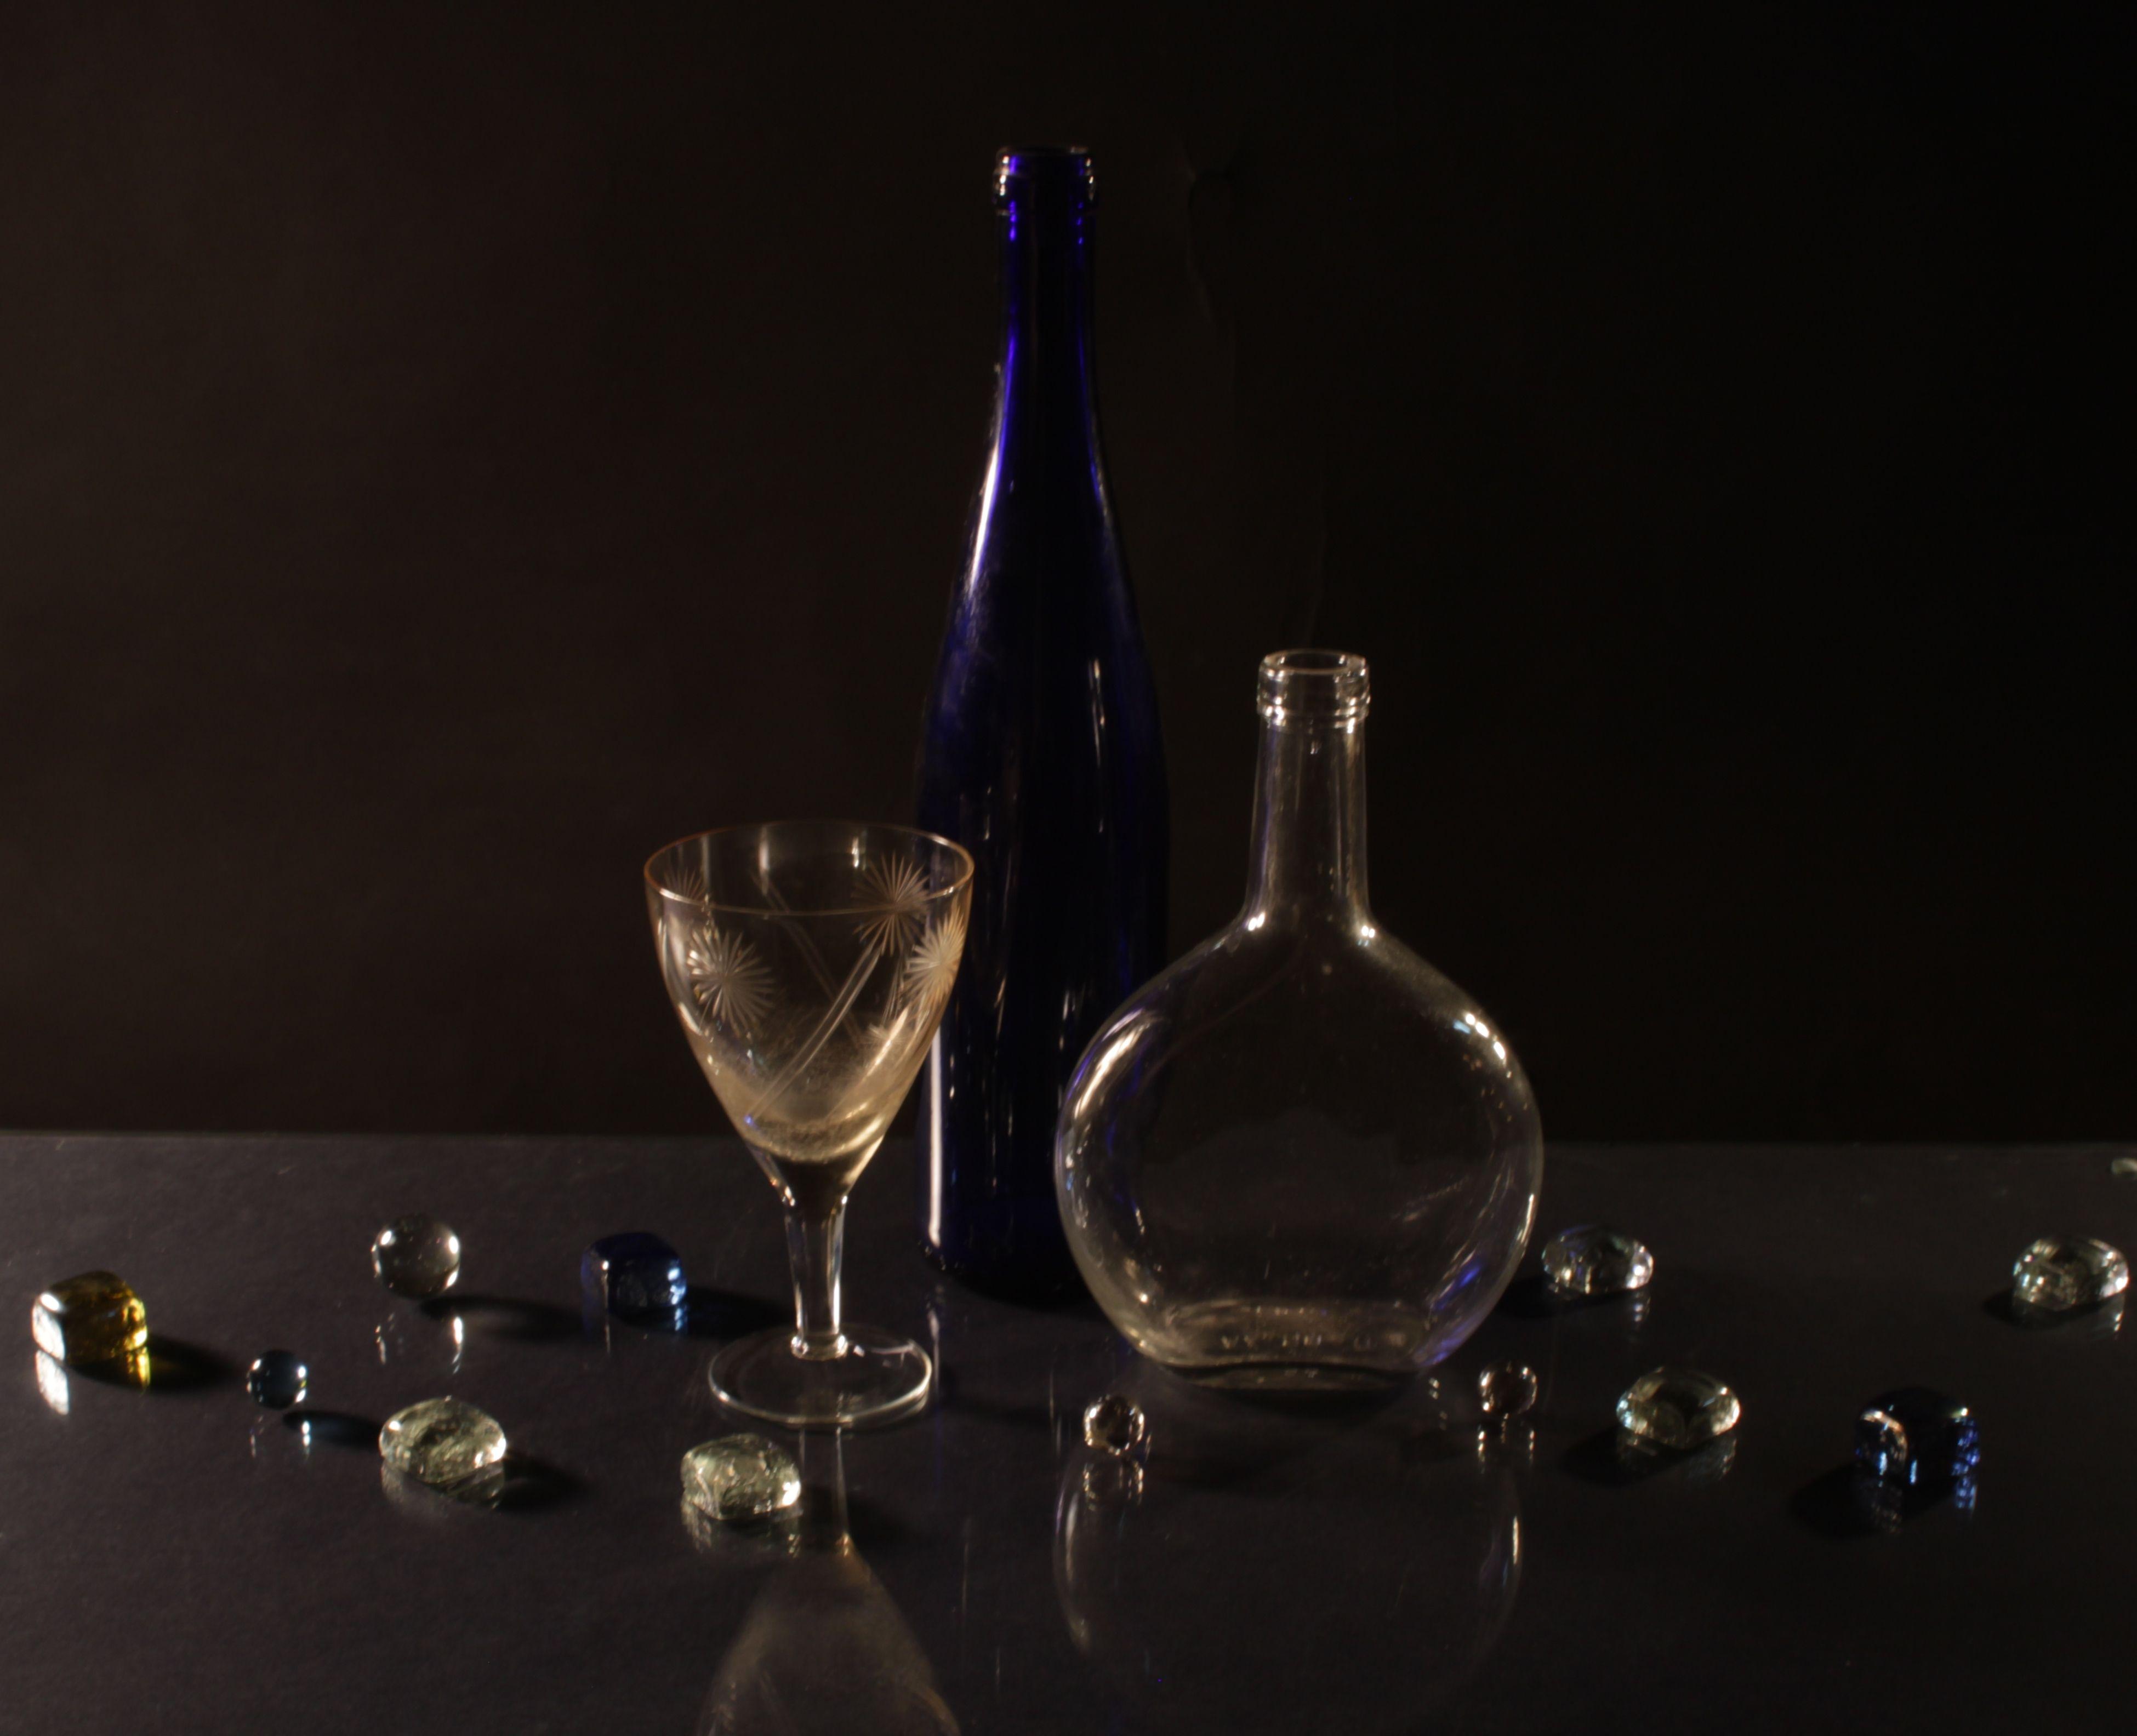 фотосъемка стеклянных предметов основы вязаных